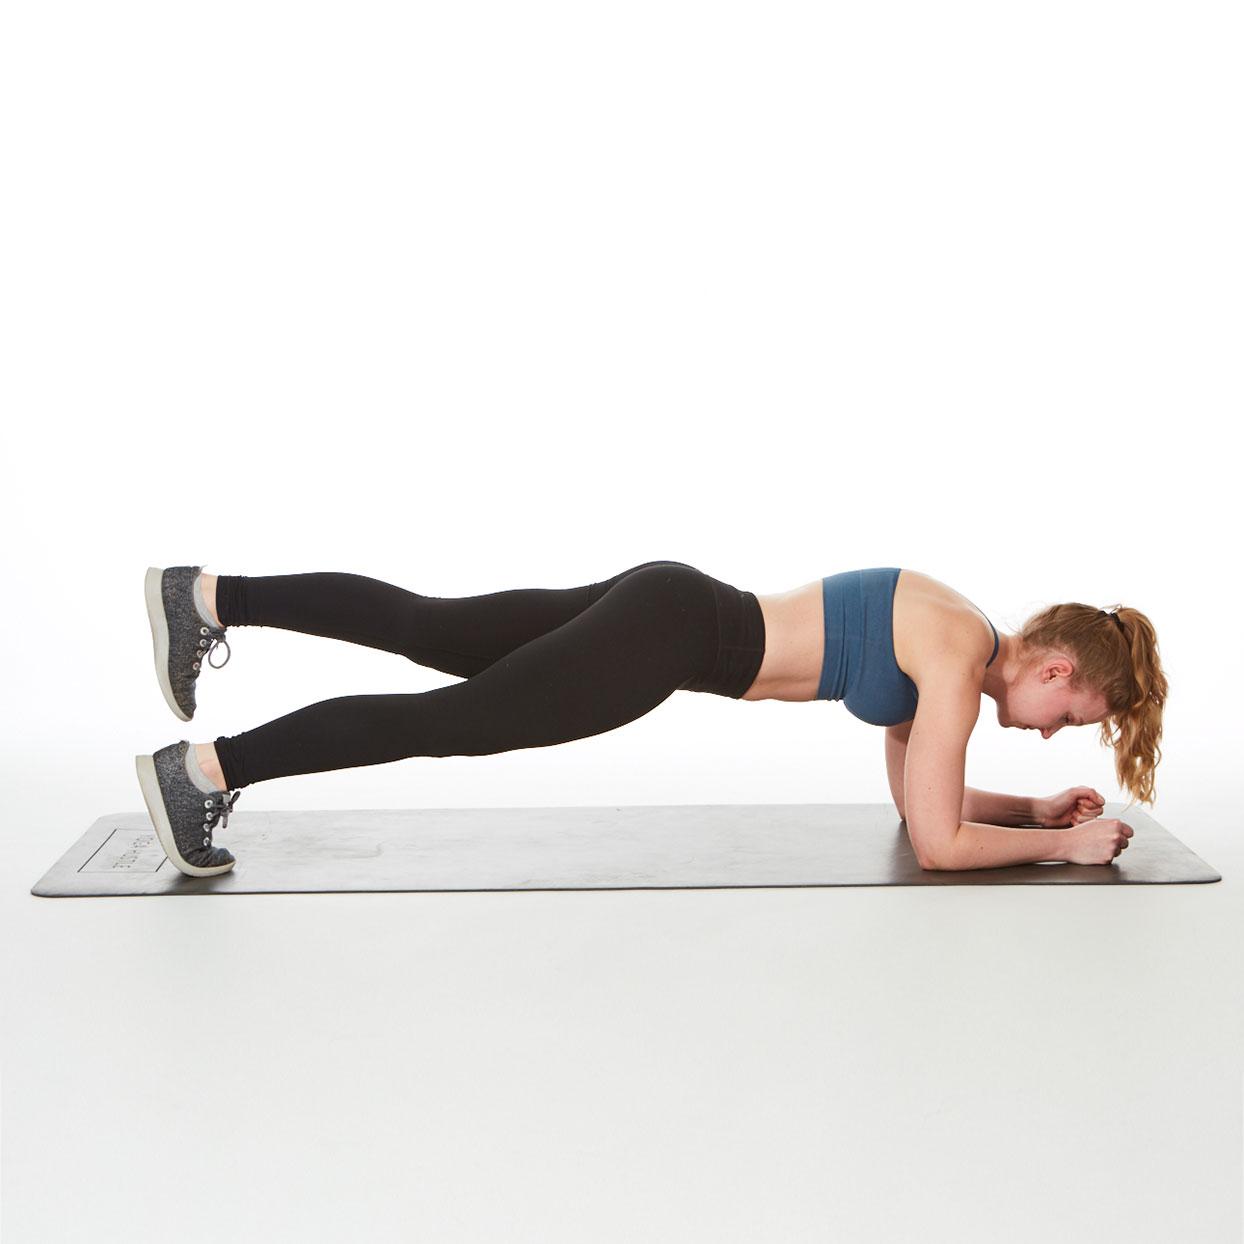 Правильная техника выполнения упражнения планка.